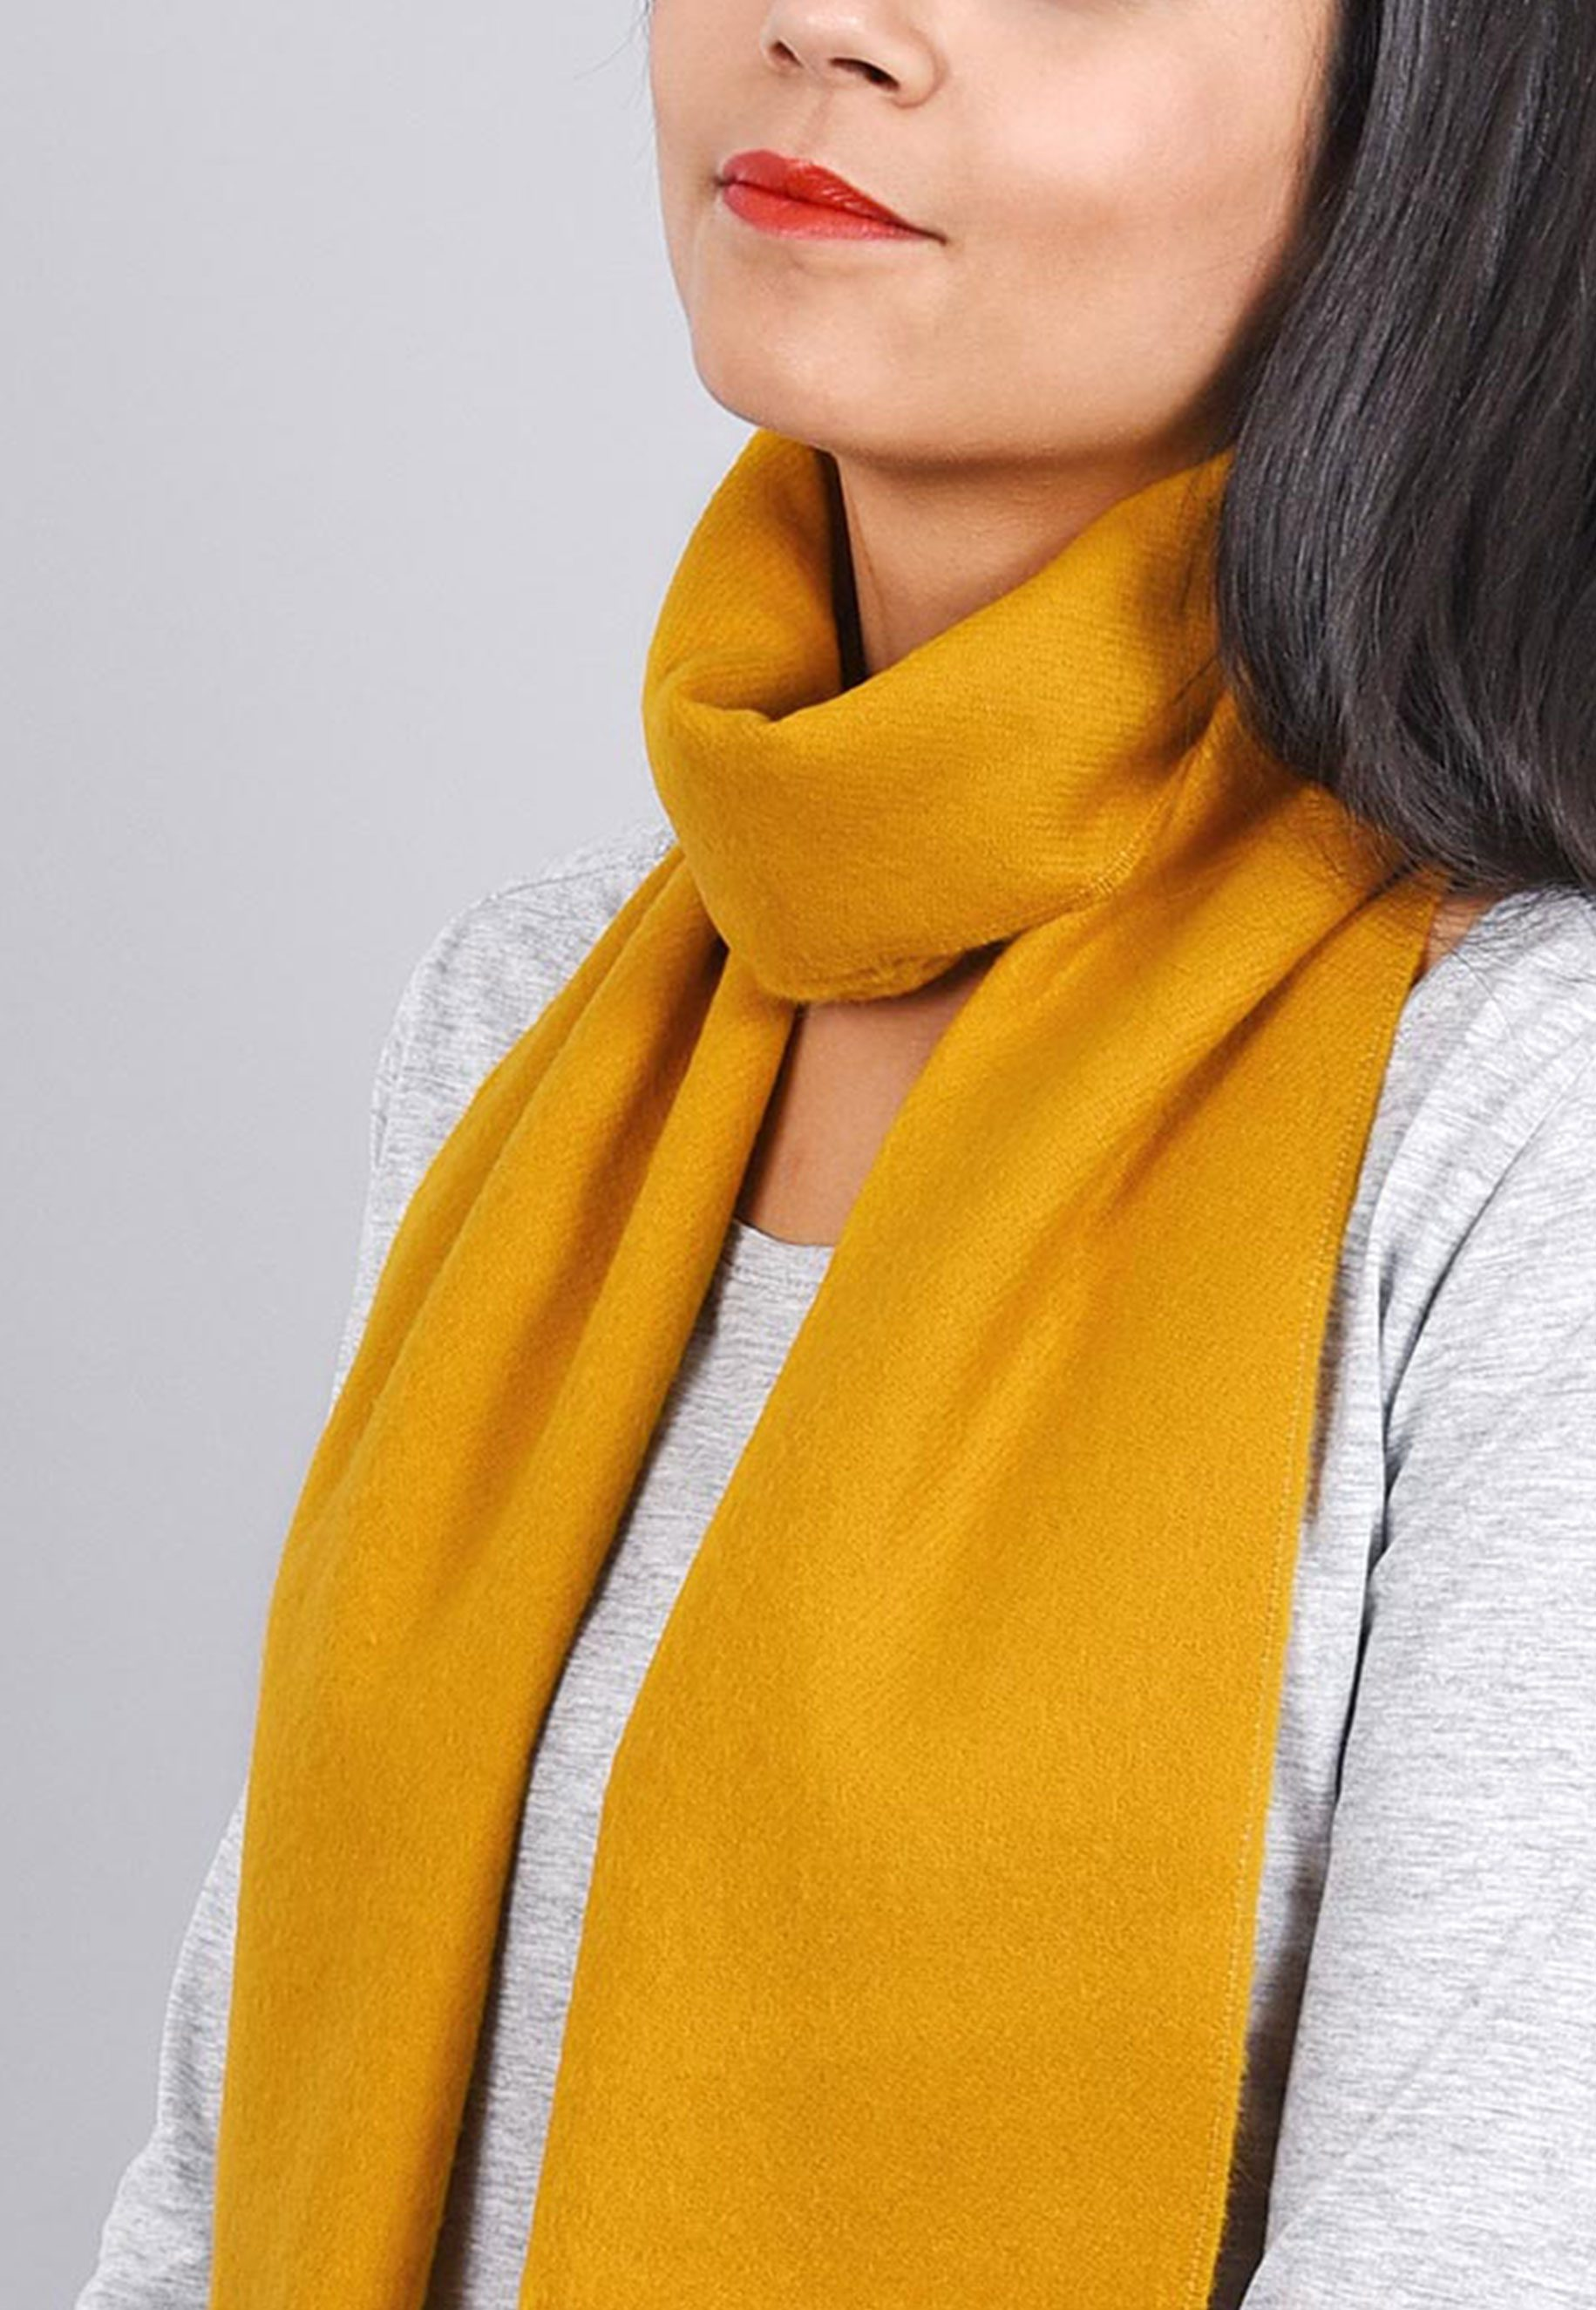 http://lookbook.allee-du-foulard.fr/wp-content/uploads/2018/09/0699-ADF-Accessoires-de-mode-LB-Colorama-automne-Produit-Echarpe_fely-1831x2650.jpg